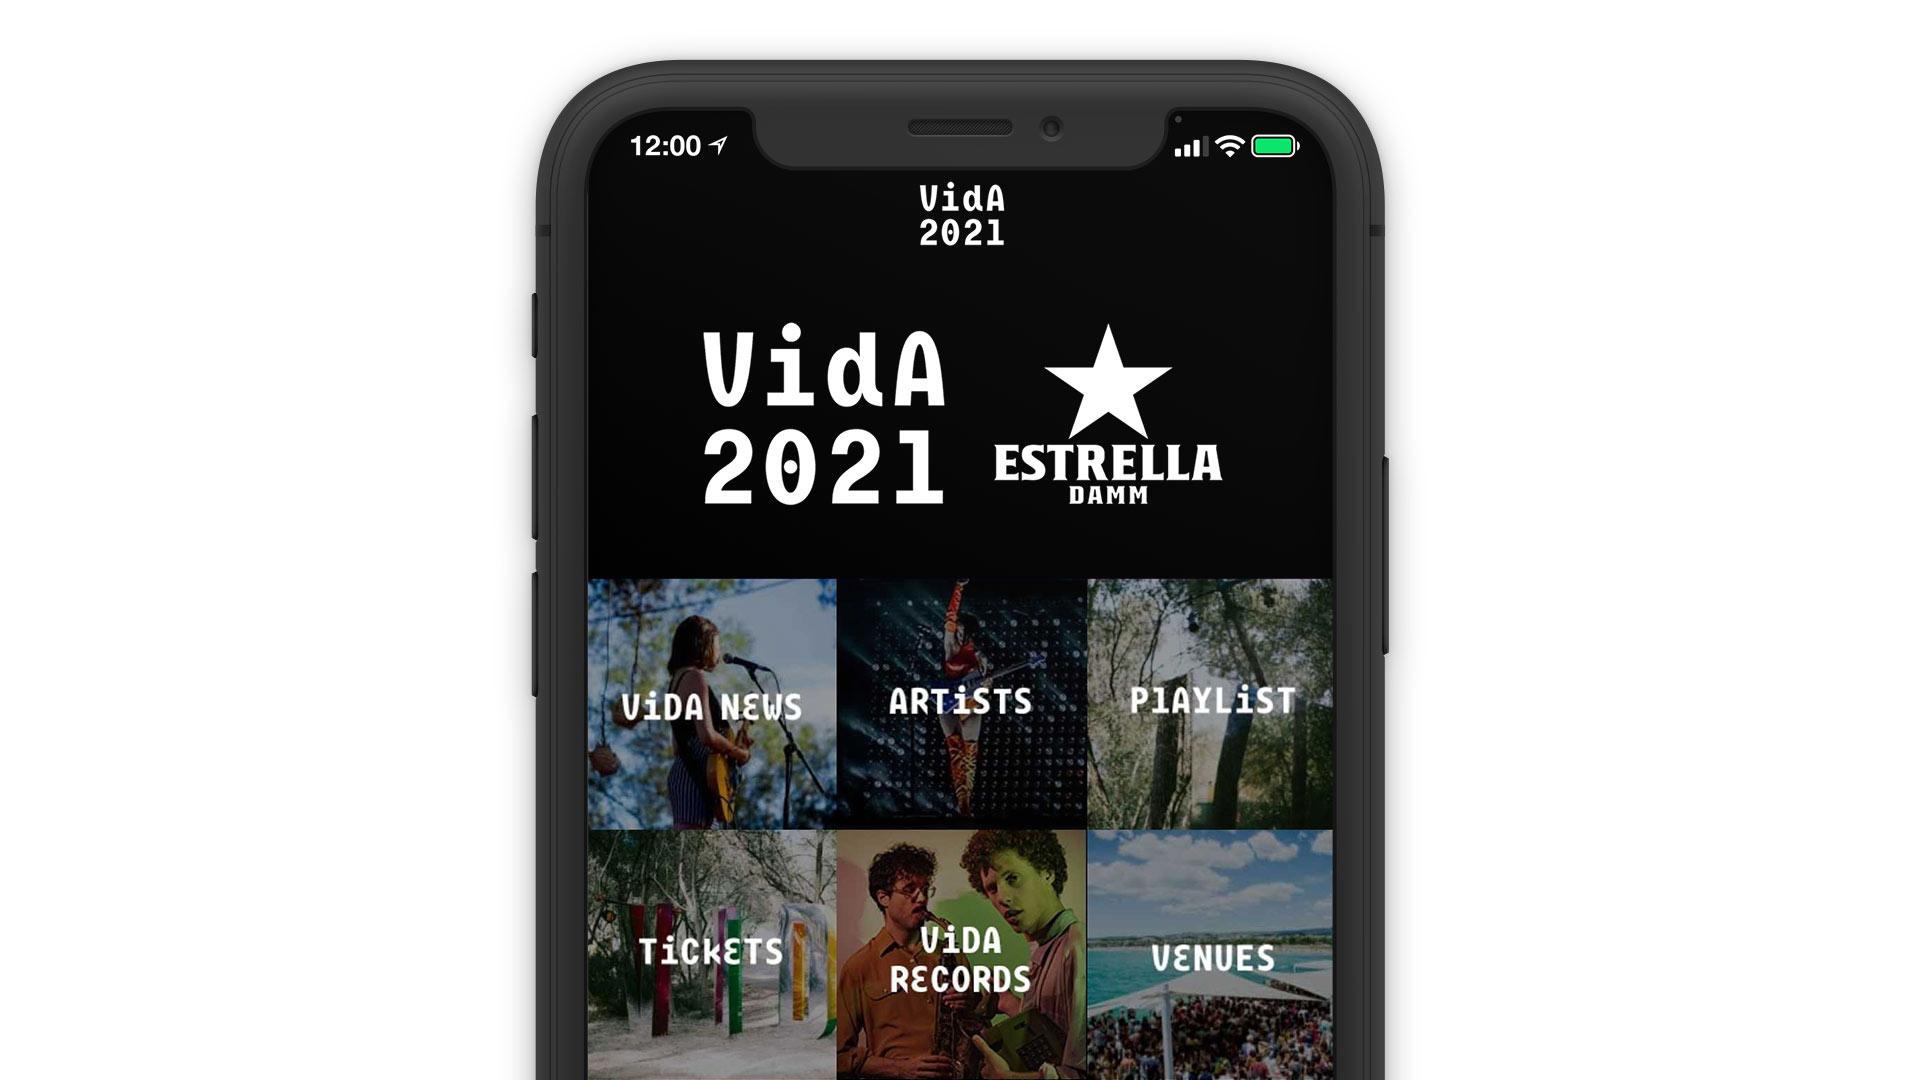 vida festival online direct booking system reservation solution mobile app laptop